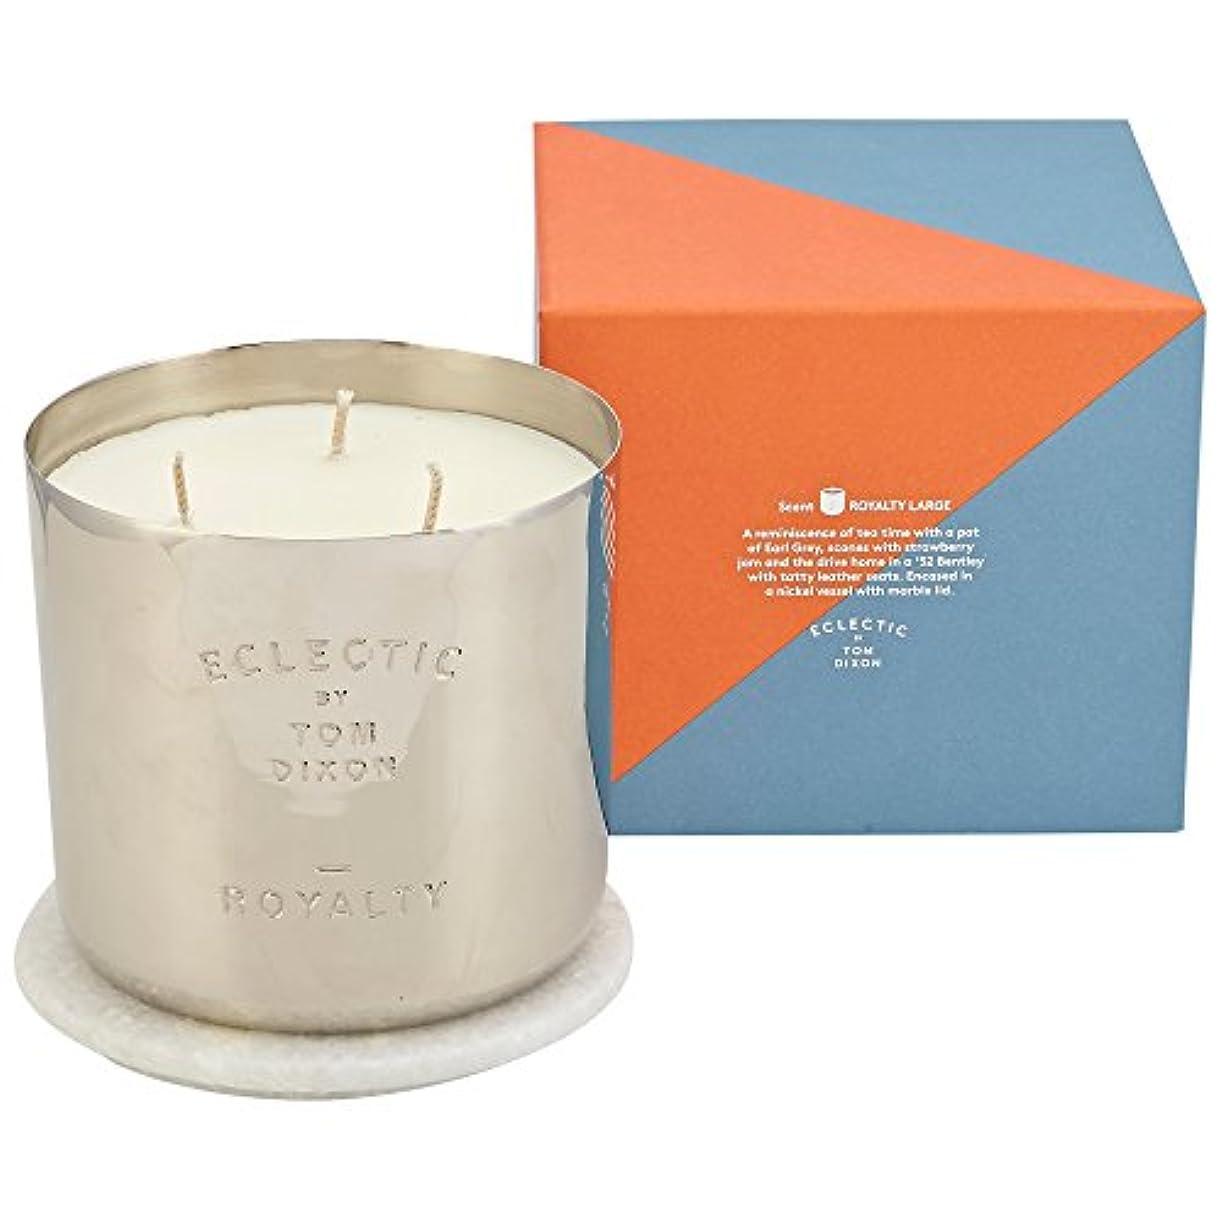 天井レバーギャンブルTom Dixon Royalty Scented Candle Large (Pack of 2) - トムディクソンロイヤリティ大きな香りのキャンドル x2 [並行輸入品]